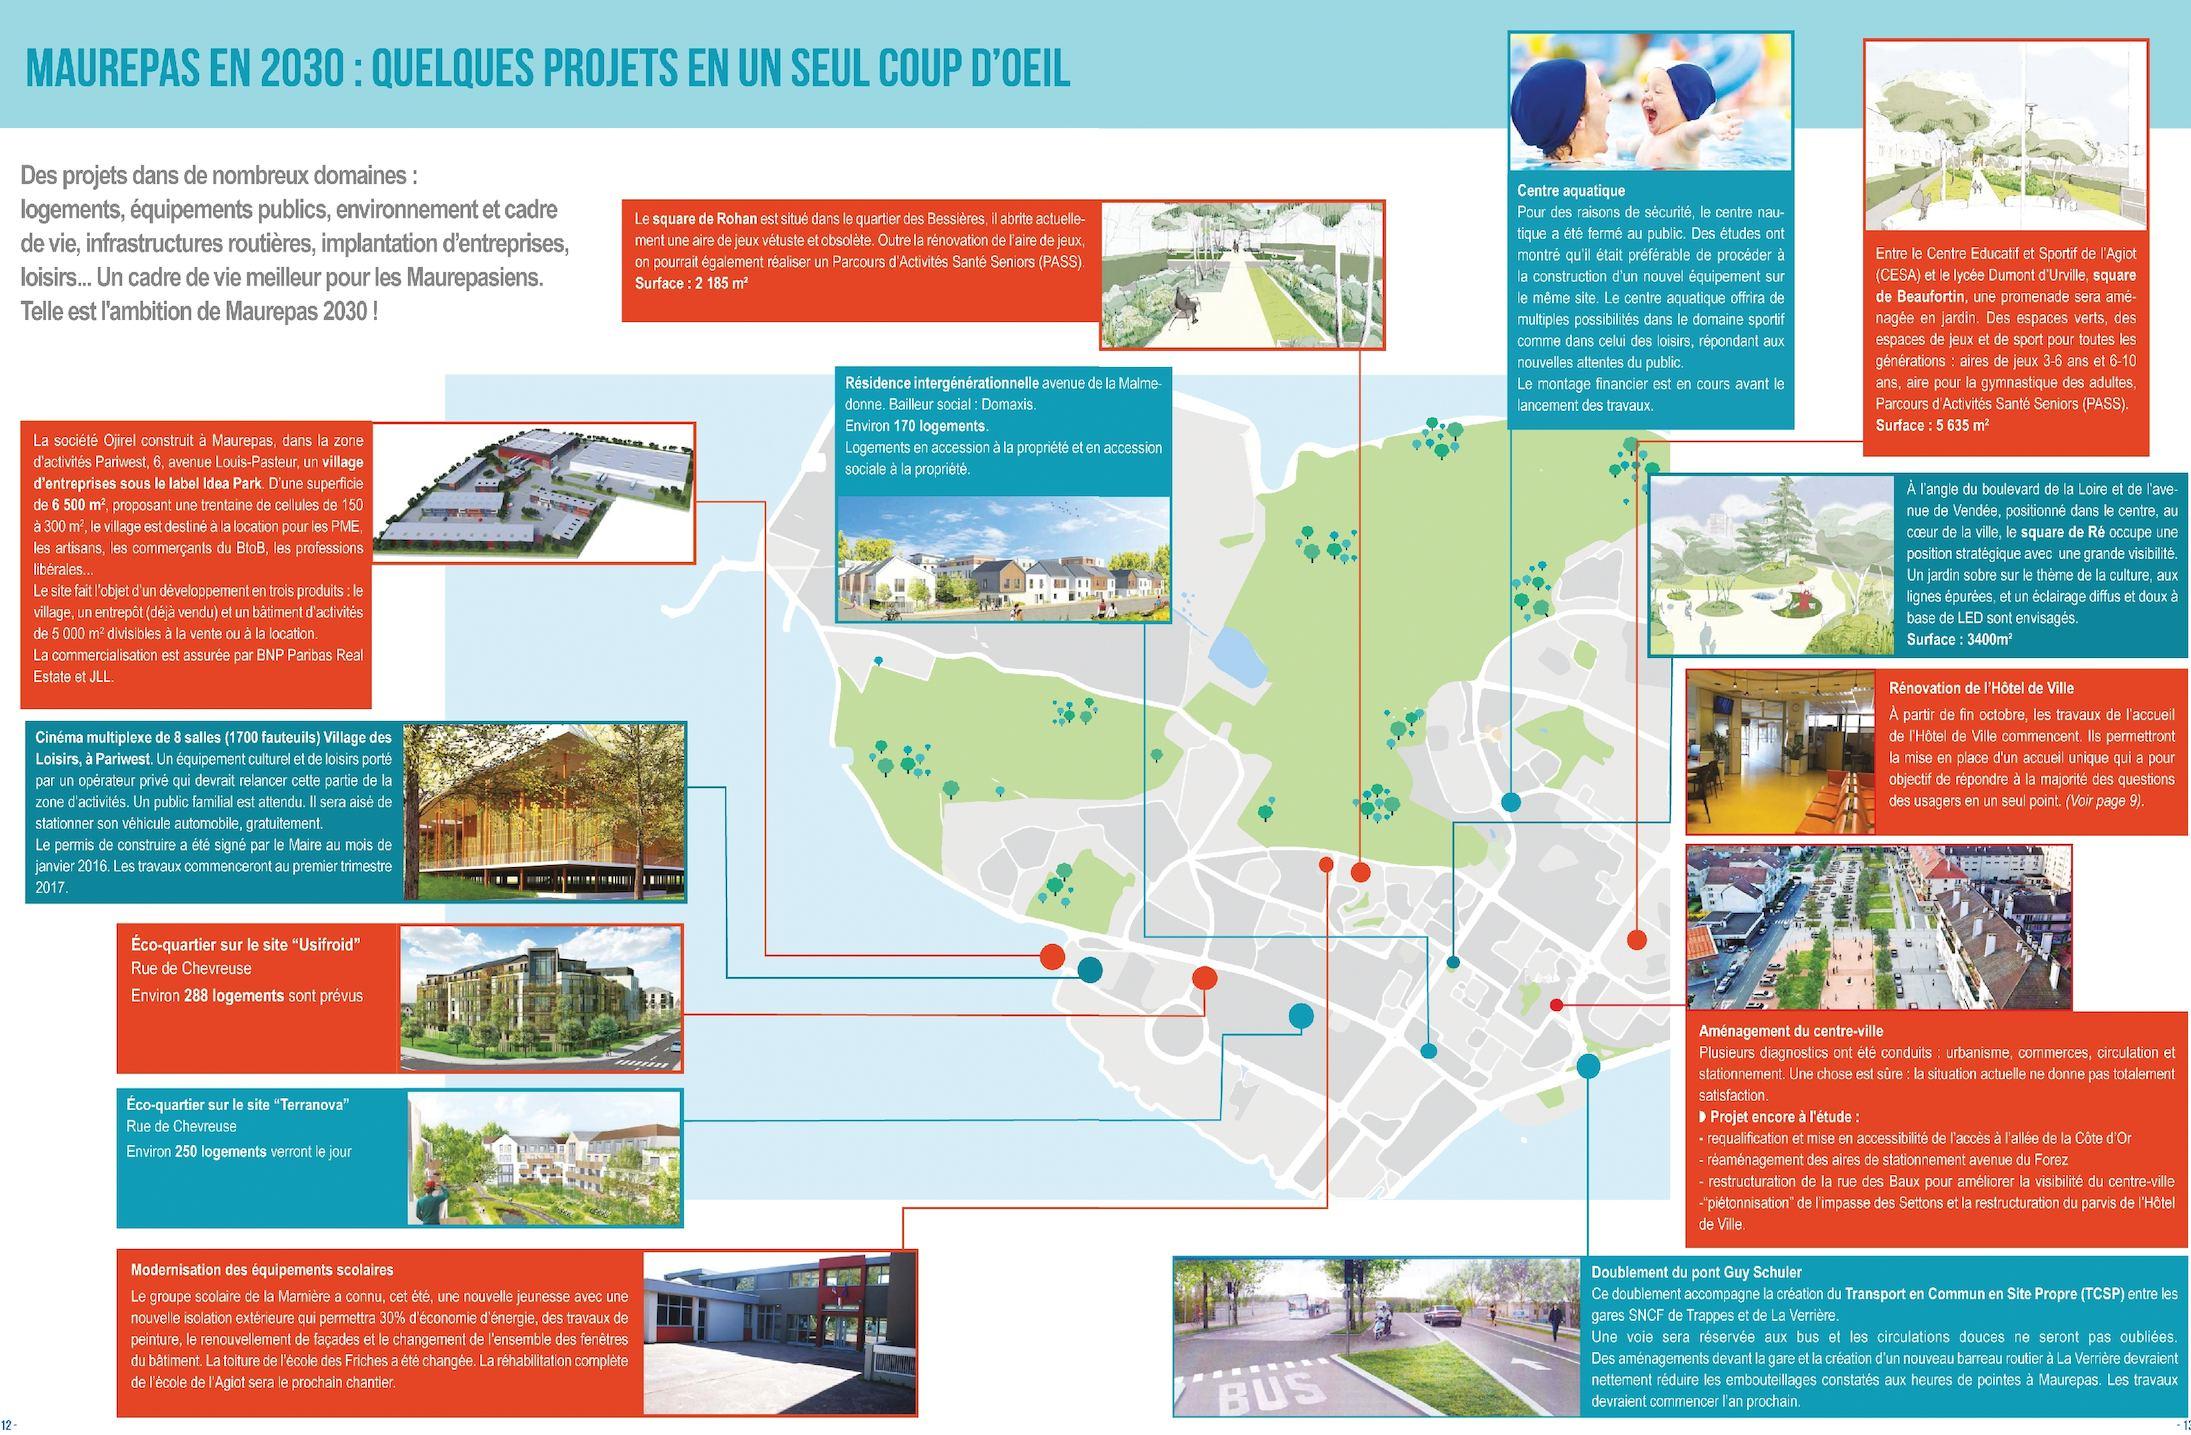 Calaméo - Les Grands Projets Maurepas 2030 dedans Jeux De Parcours Gratuit